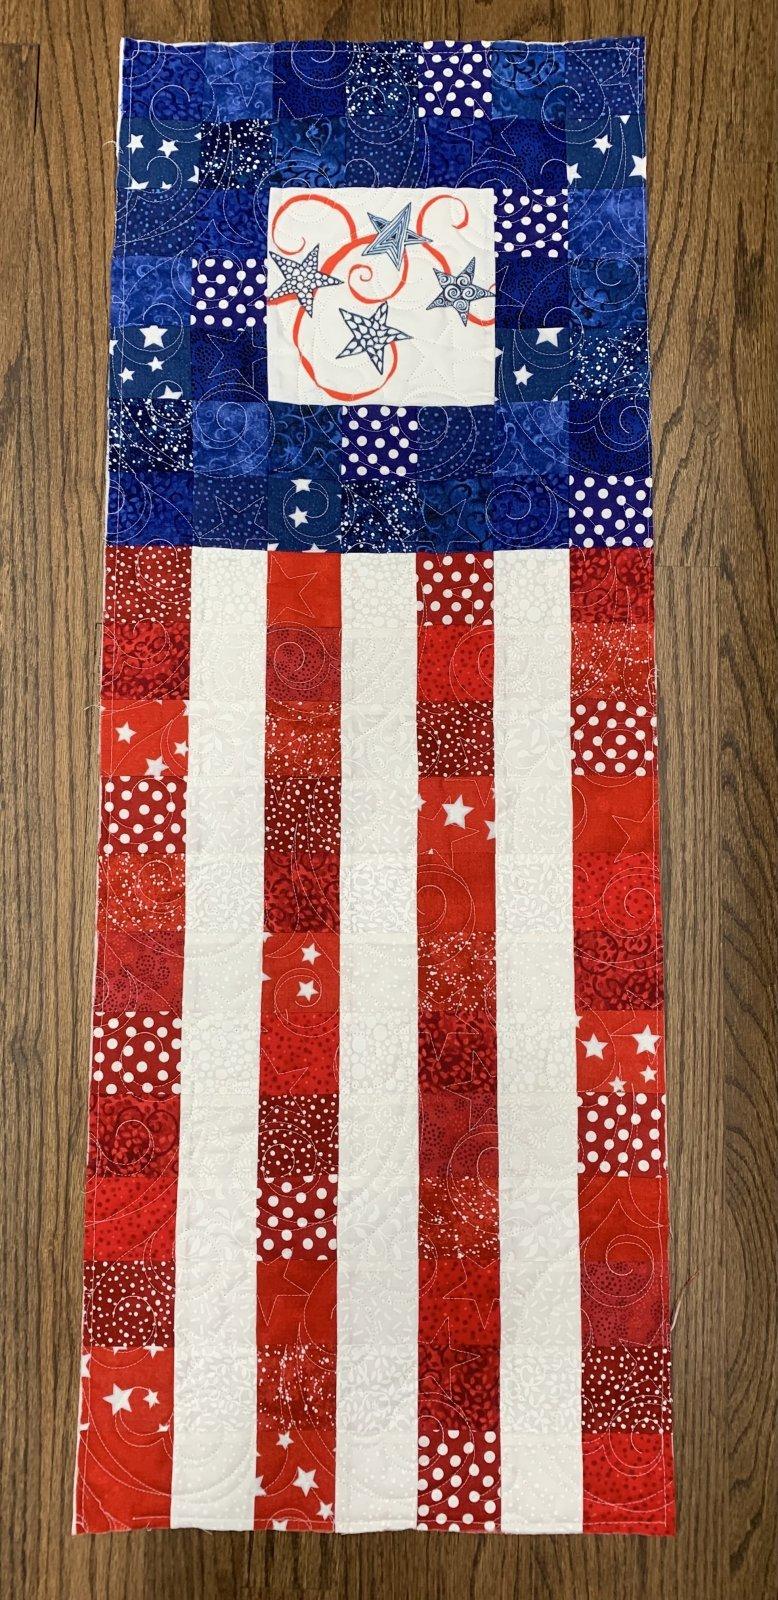 Zentangle Inspired Flag Table Runner Kit - RRQ Original